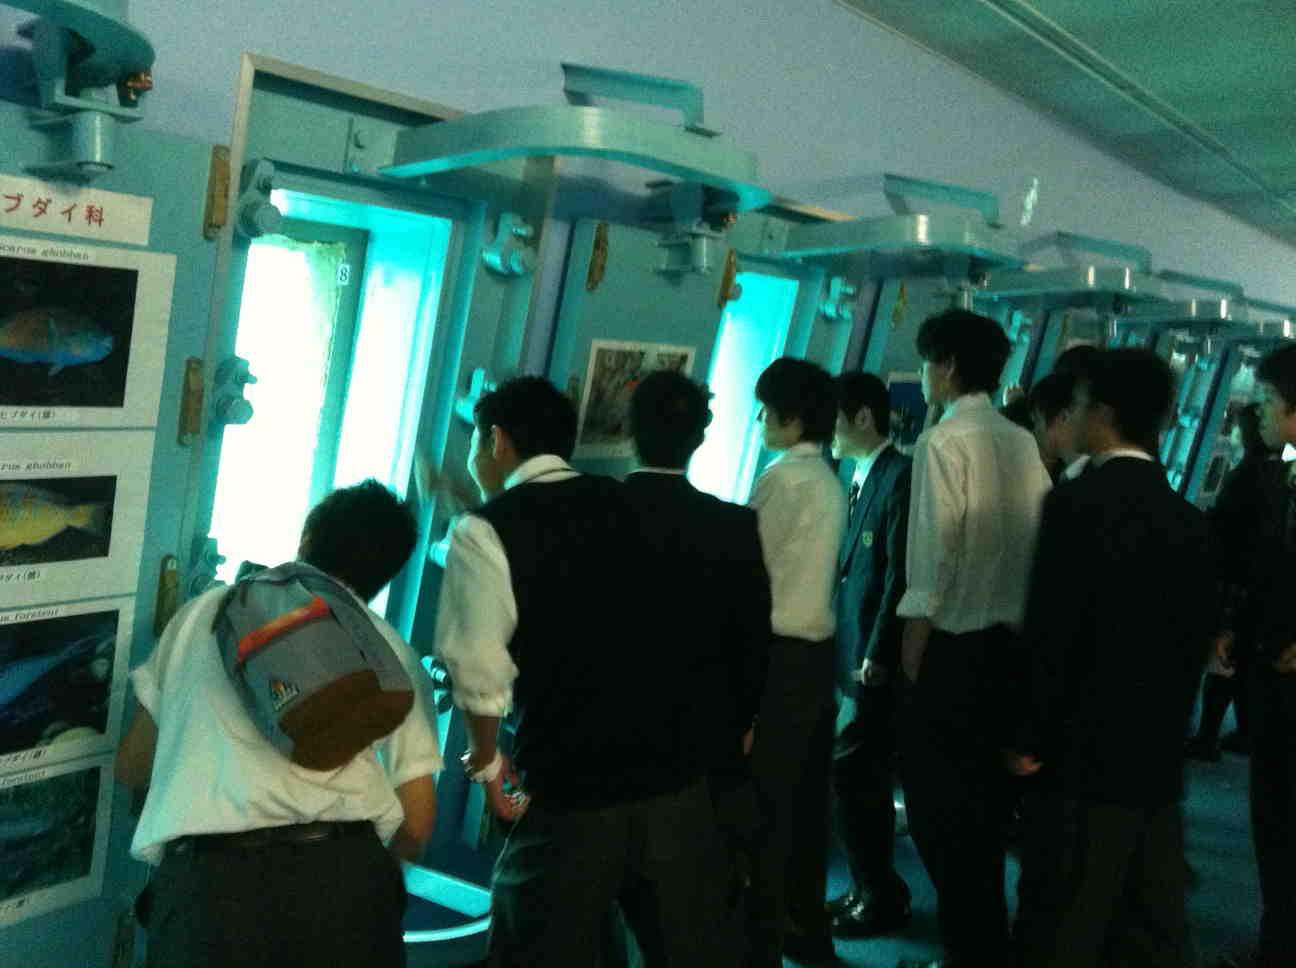 http://www.sundaigakuen.ac.jp/blog/school_trip/upload_images/kn5-1.jpg